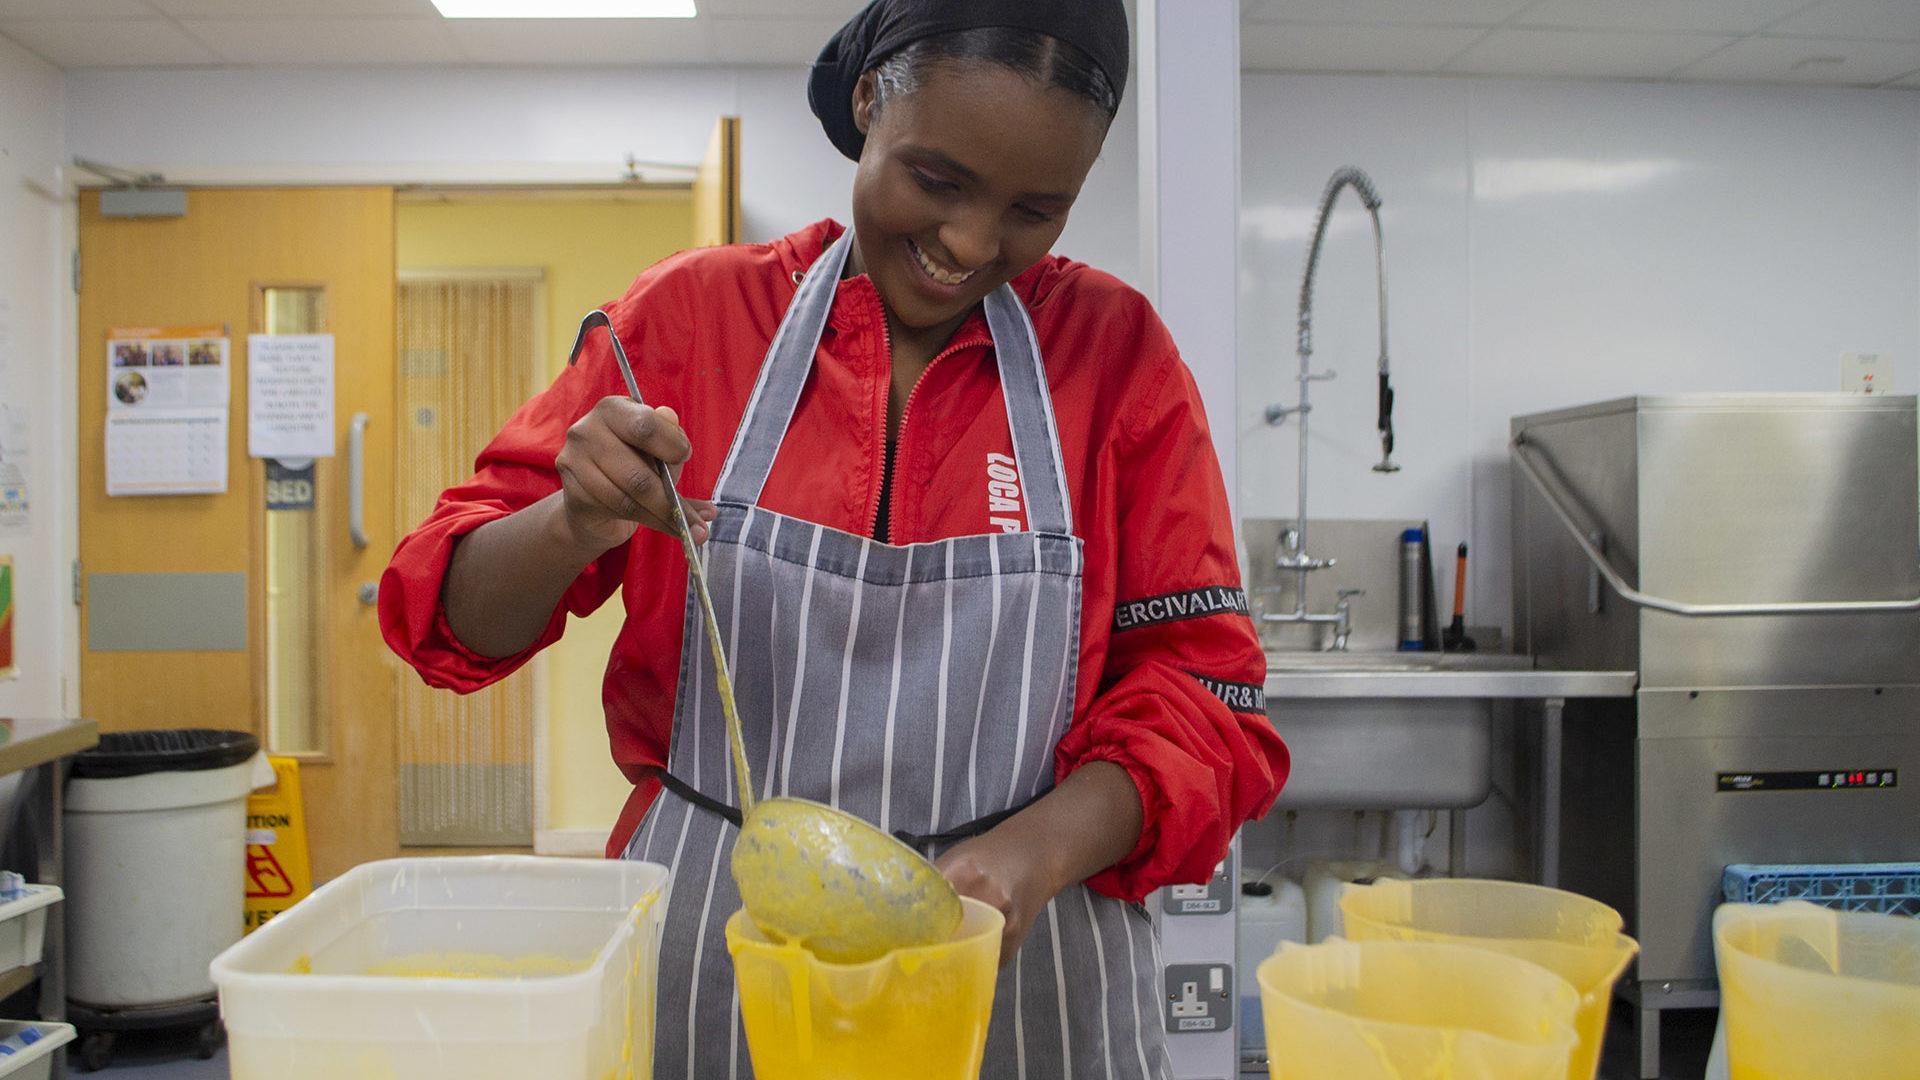 Internship (SEN) - Student catering